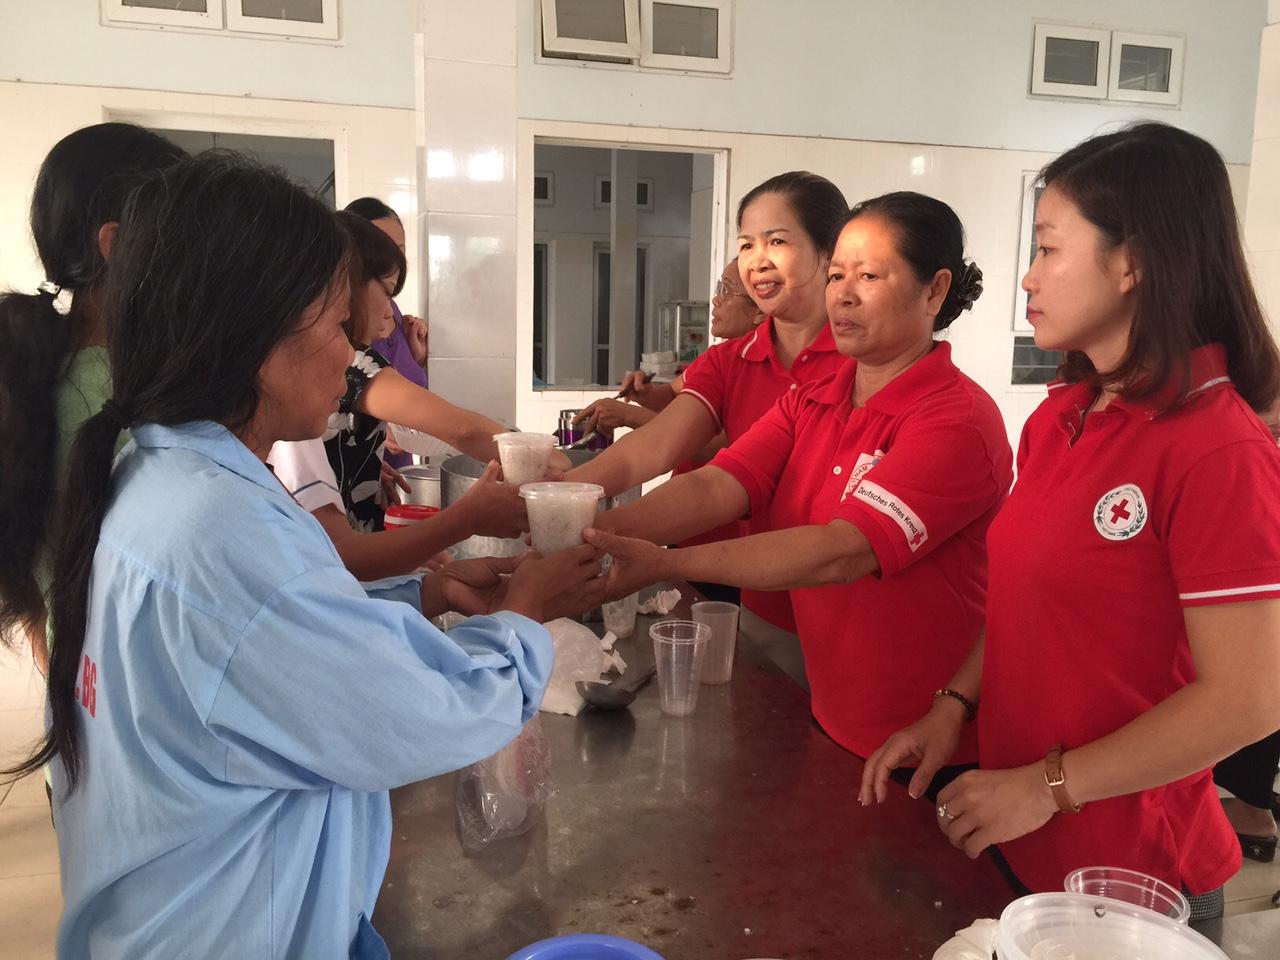 Phát cháo, miễn phí, bệnh nhân, Bệnh viện Tâm thần, tỉnh Bắc Giang